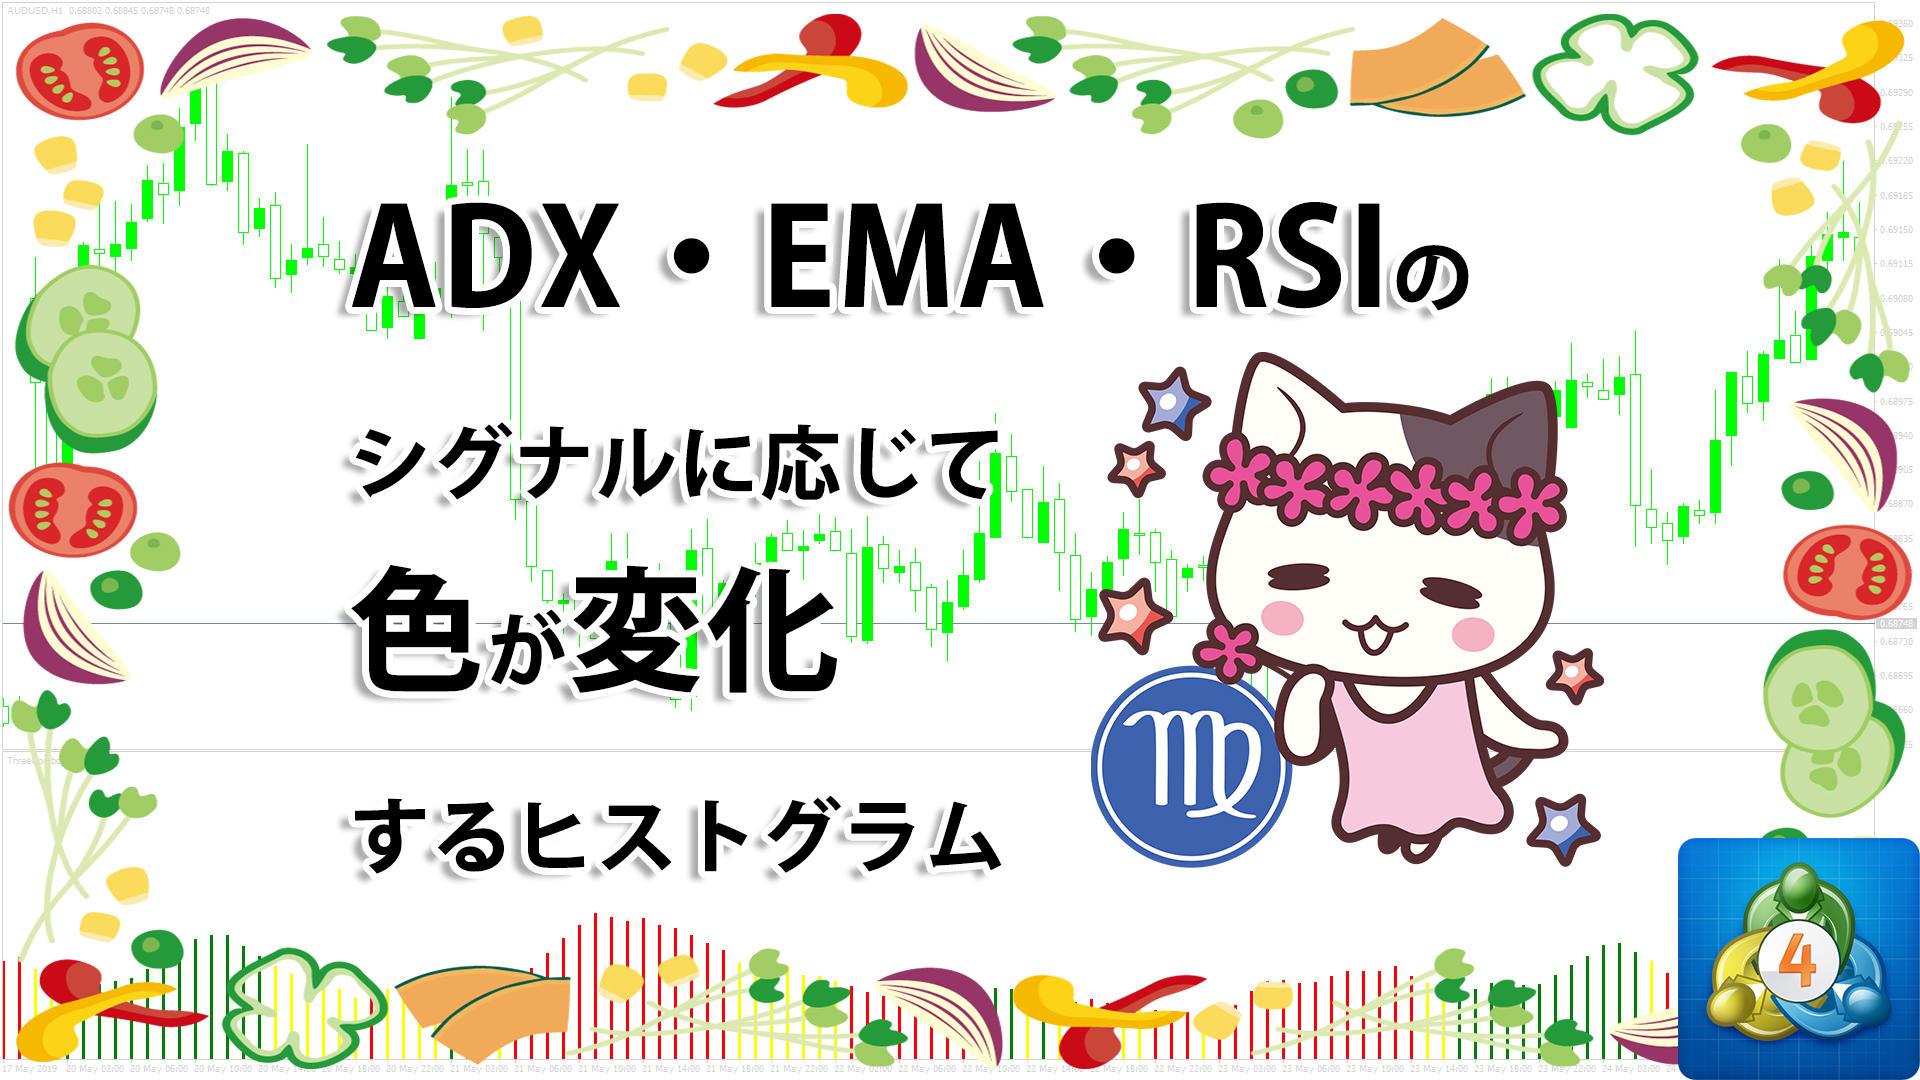 ADX・EMA・ADXのシグナルに応じて色が変化するヒストグラムを表示するMT4インジケーター「ThreeCombo_v2」